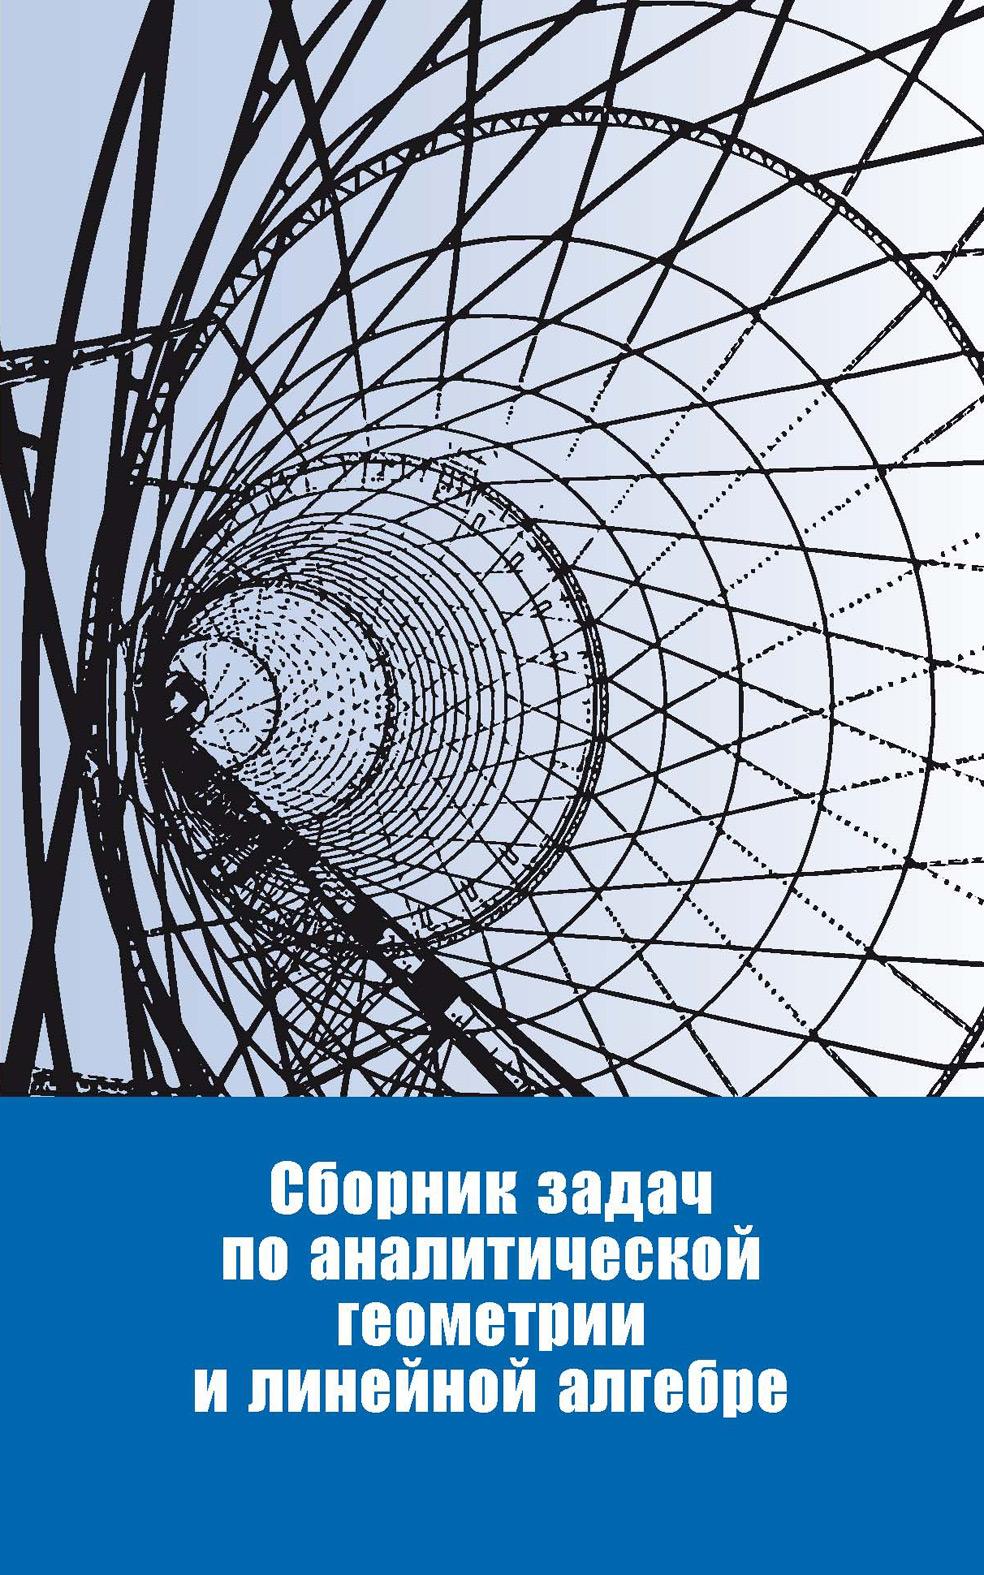 купить Сборник Сборник задач по аналитической геометрии и линейной алгебре по цене 170 рублей